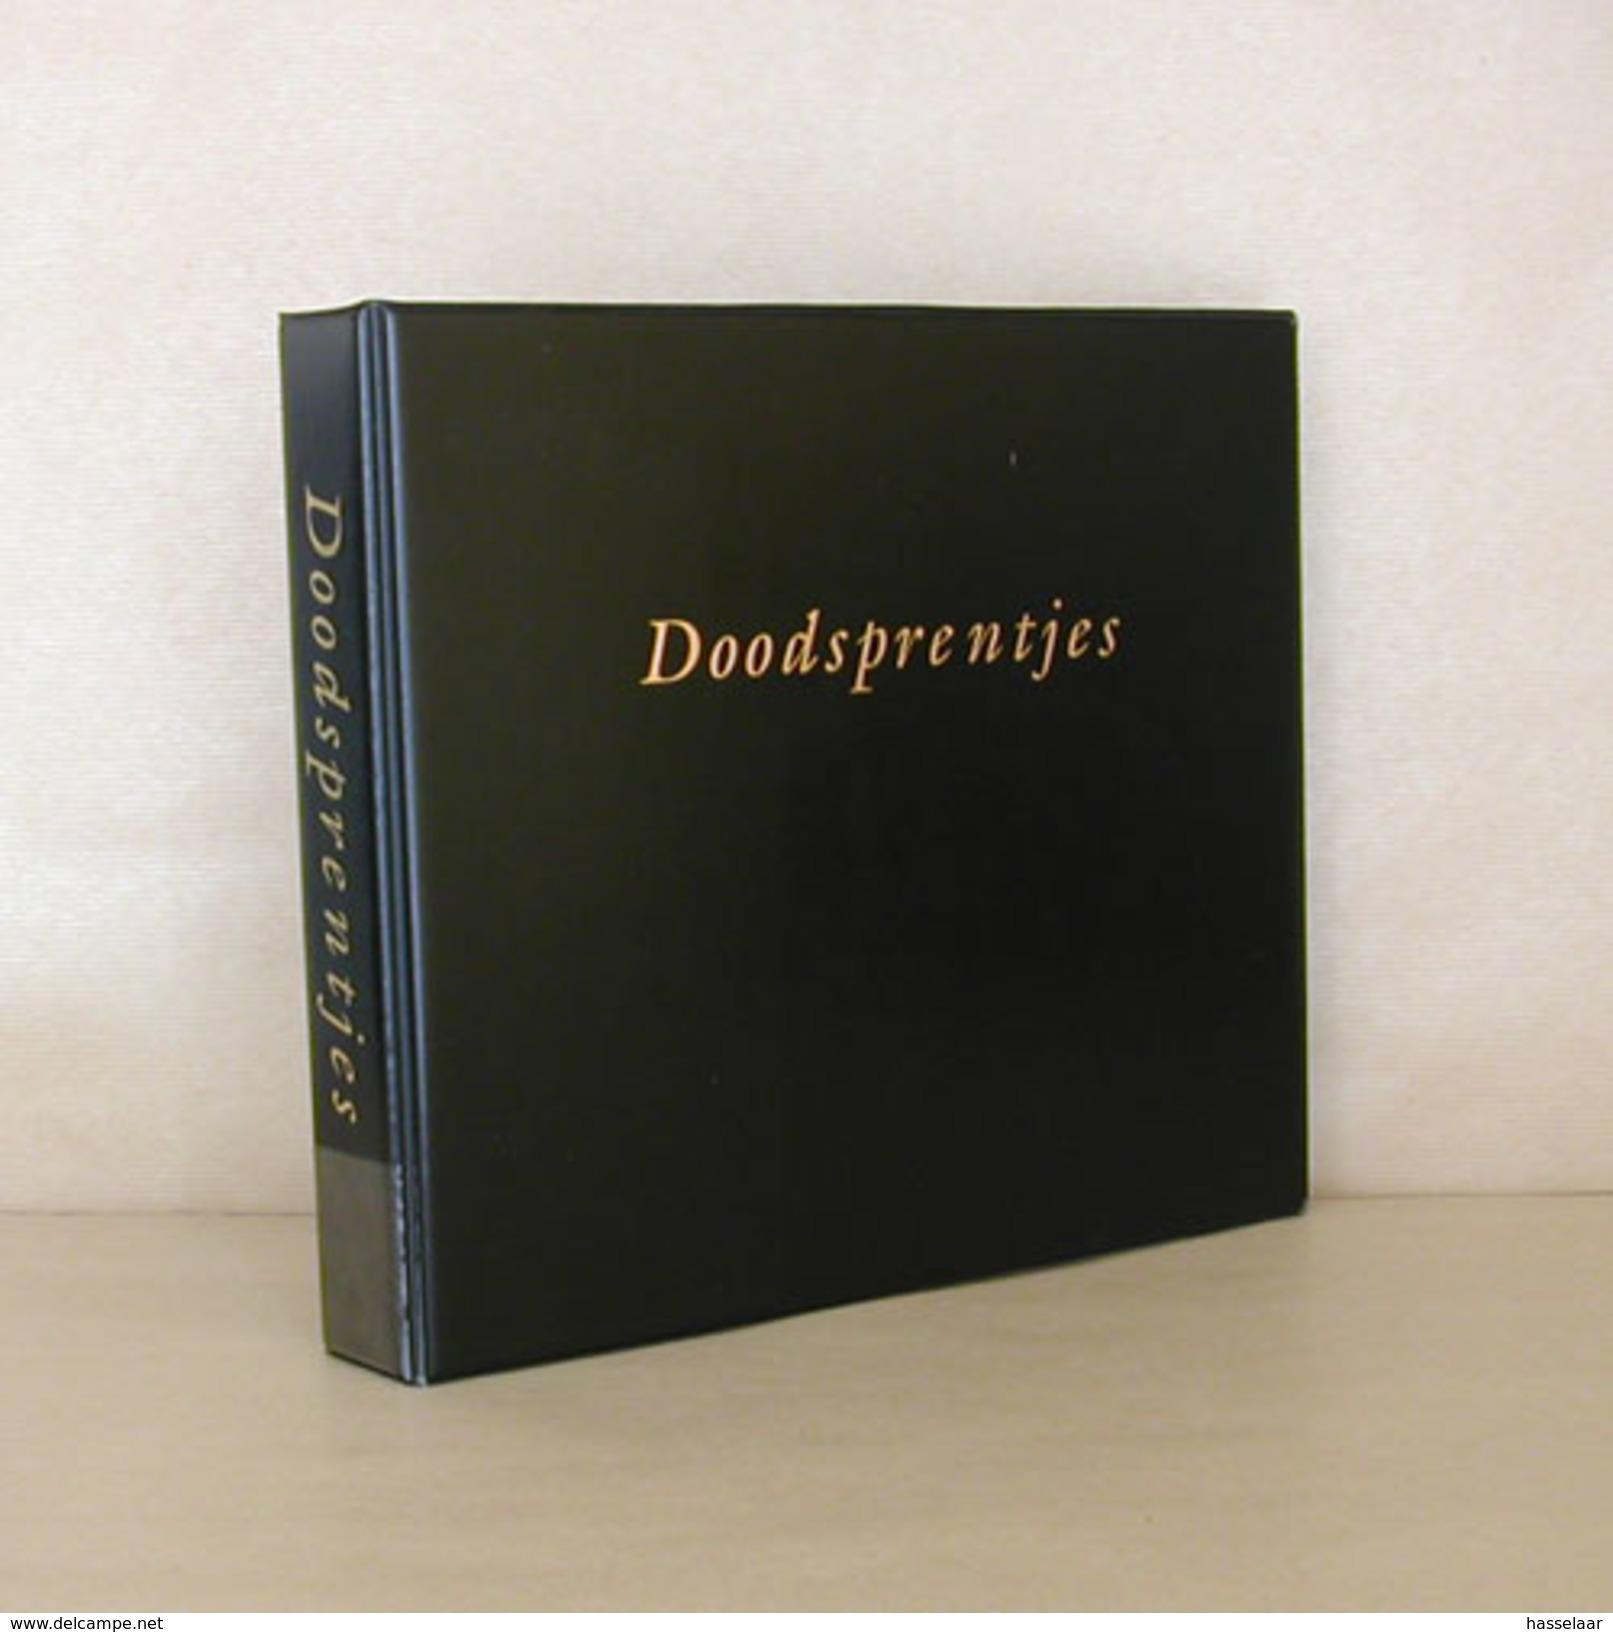 Verzamelmap Met Opdruk Doodsprentjes En 35 Inlegbladen - Godsdienst & Esoterisme